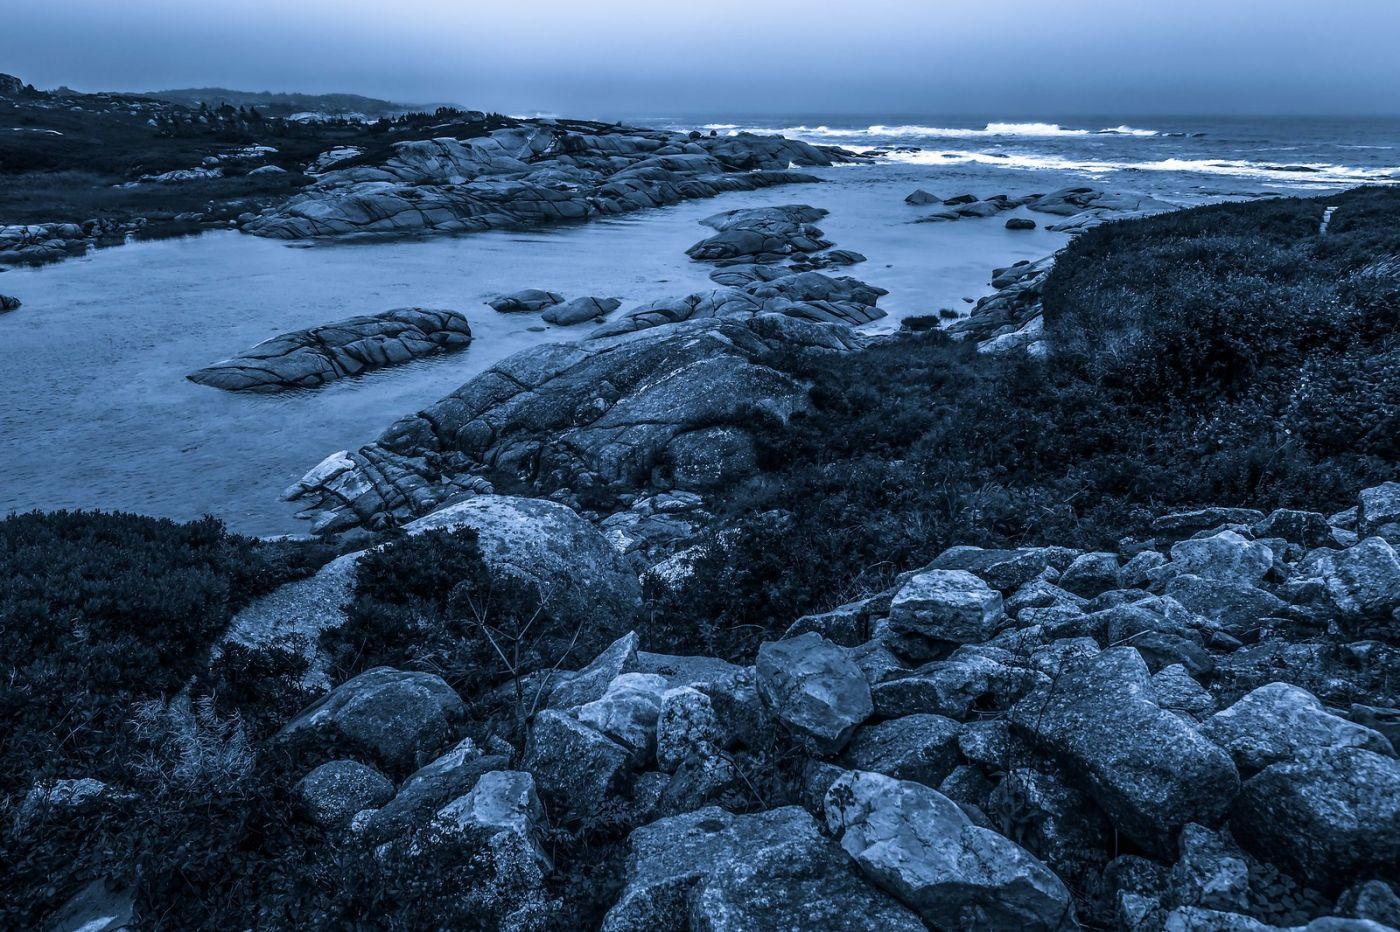 加拿大佩吉海湾(Peggys Cove),礁石上的灯塔_图1-3